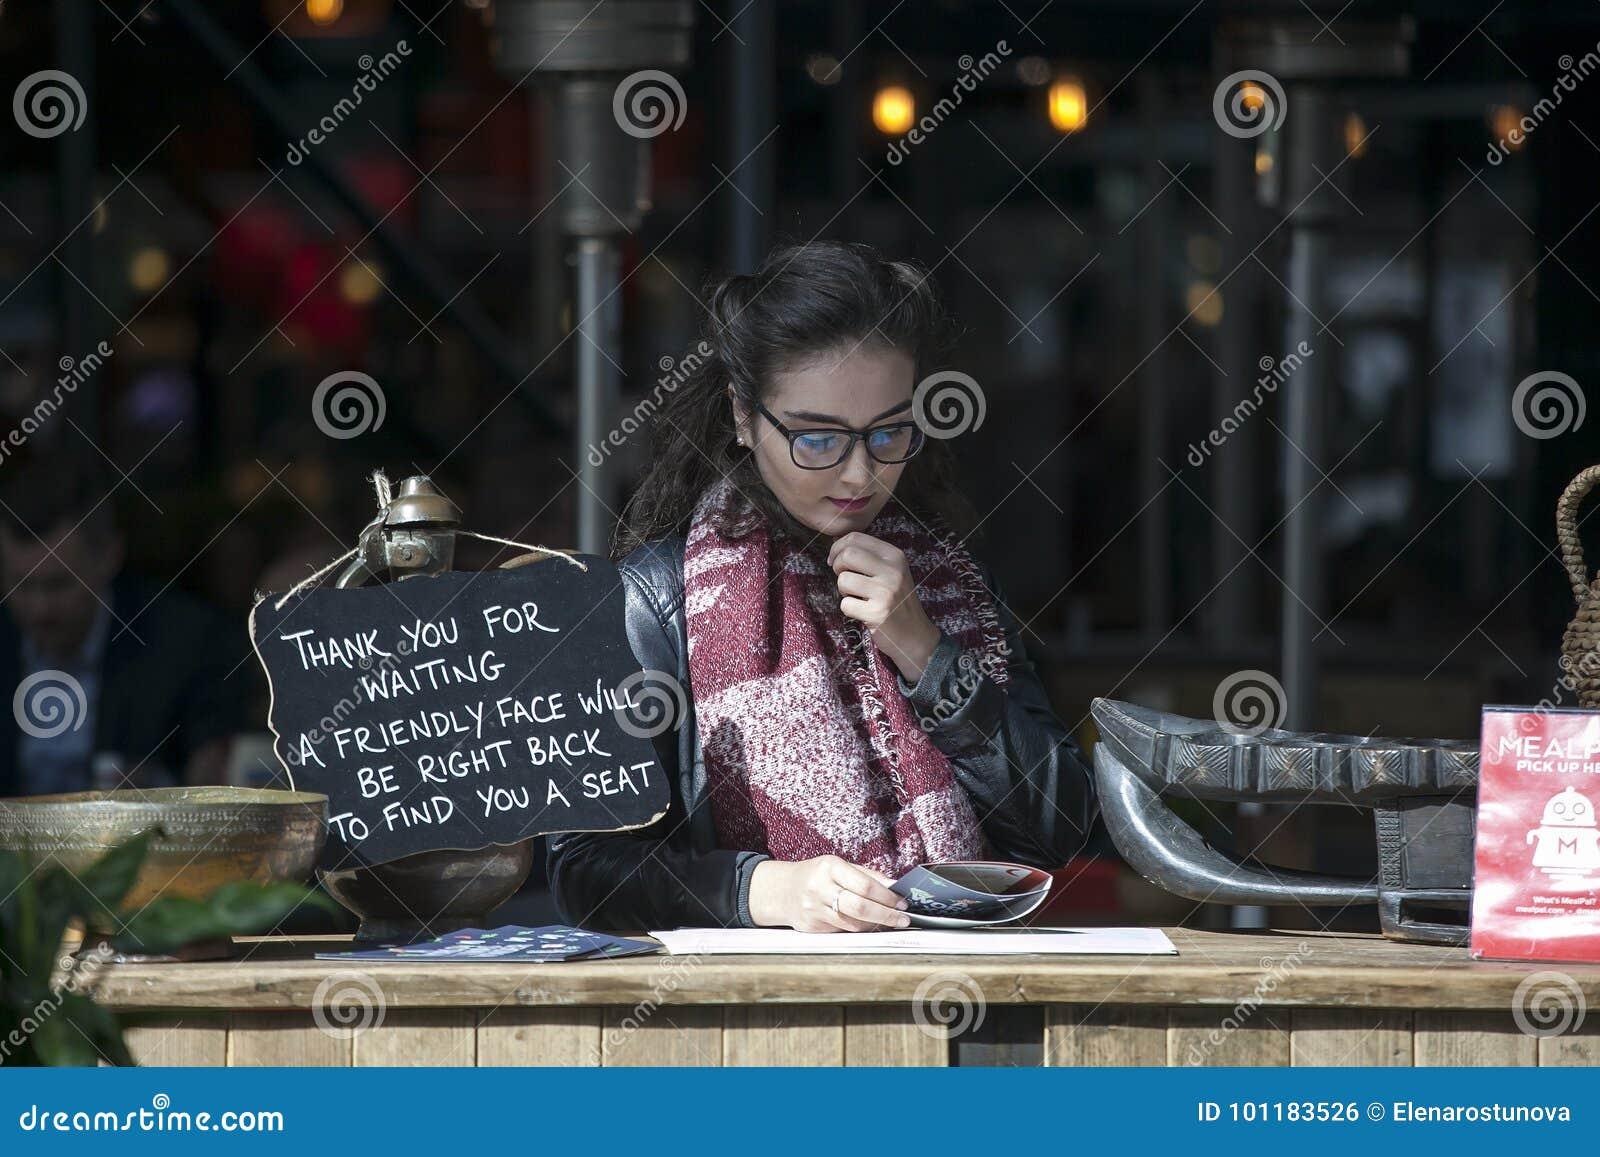 Il responsabile del ristorante legge il menu in attesa degli ospiti Il piatto dice: